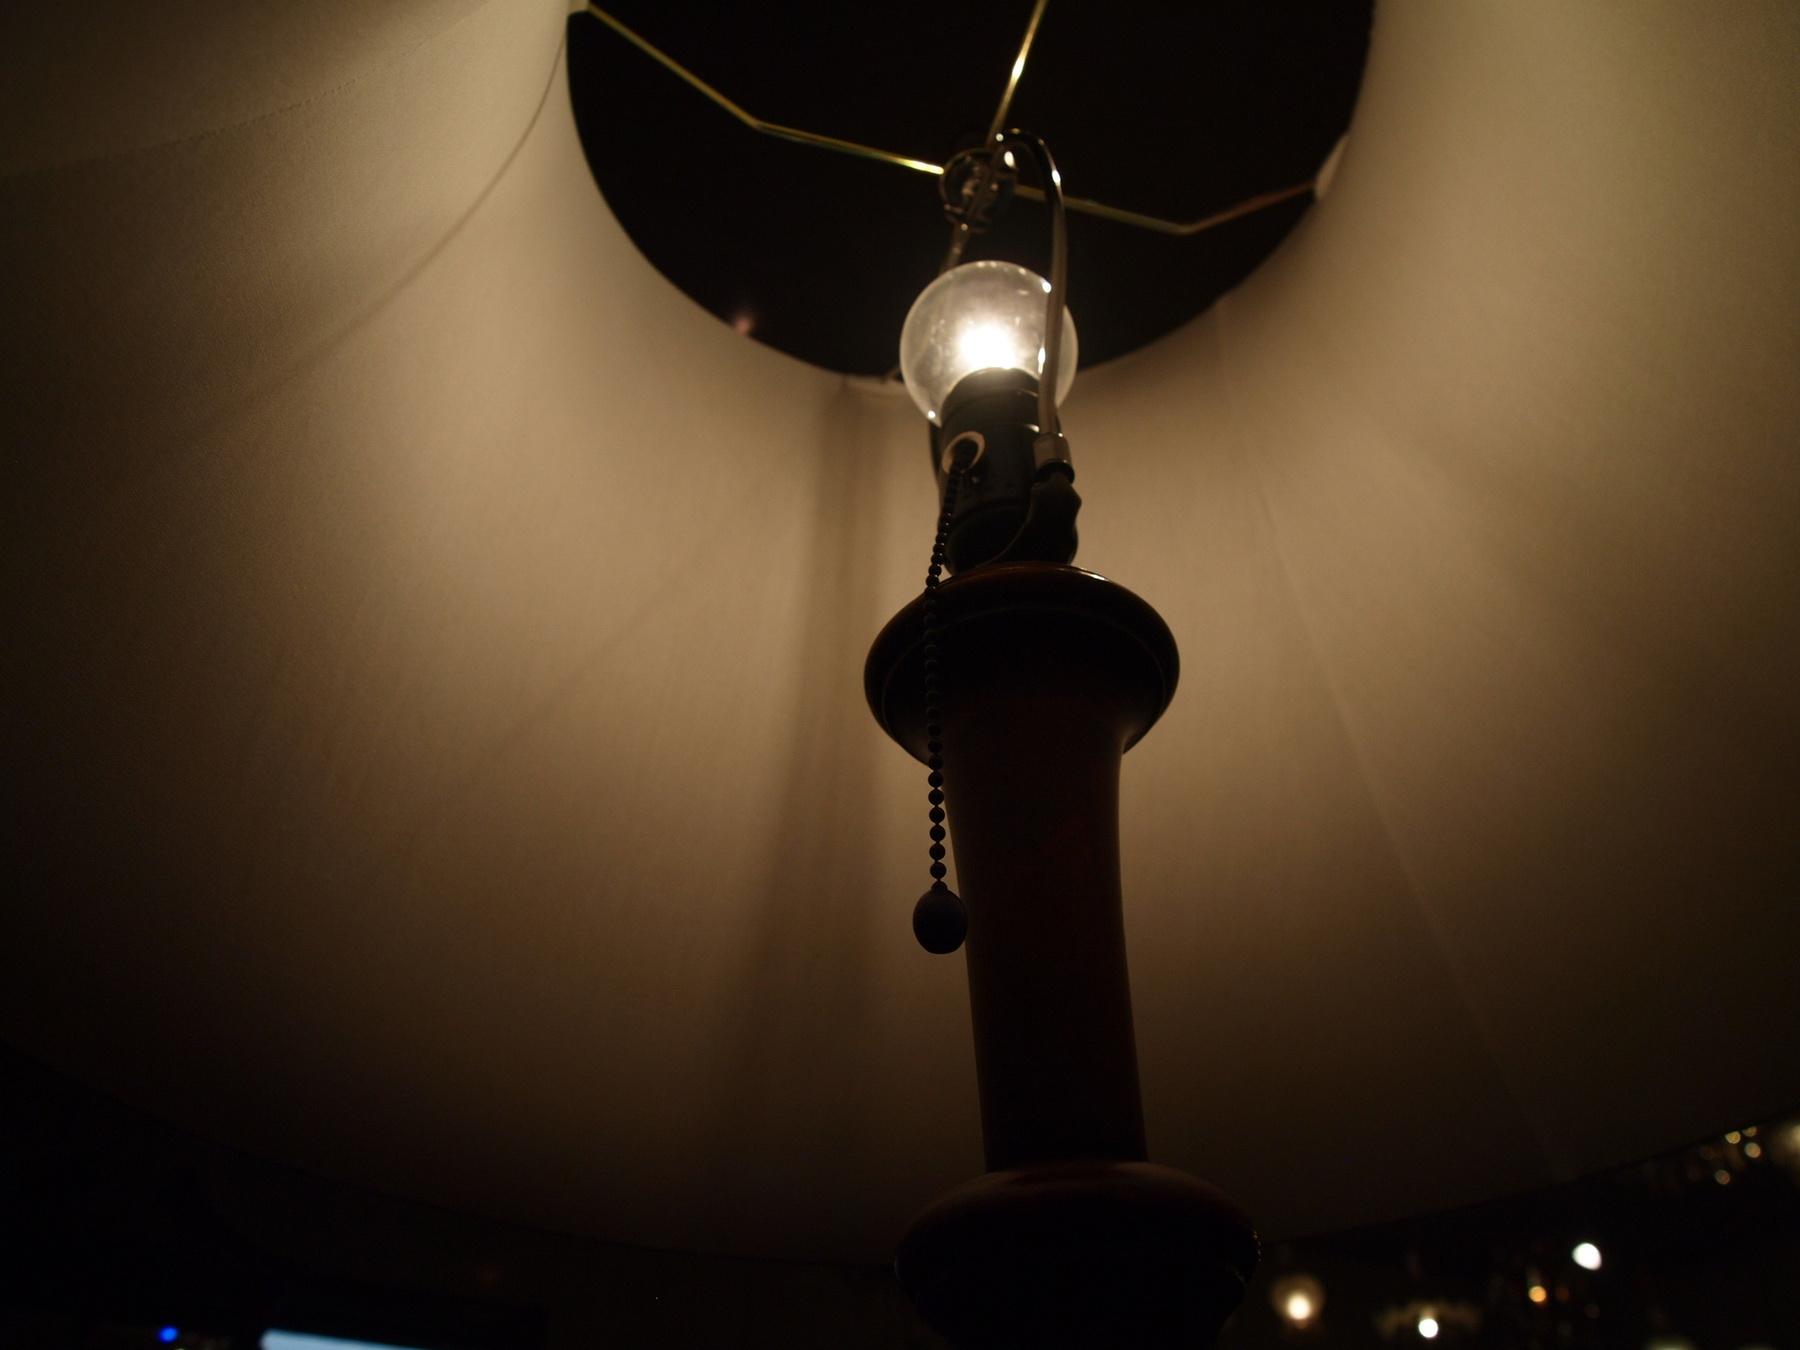 lamp190906a_03.JPG